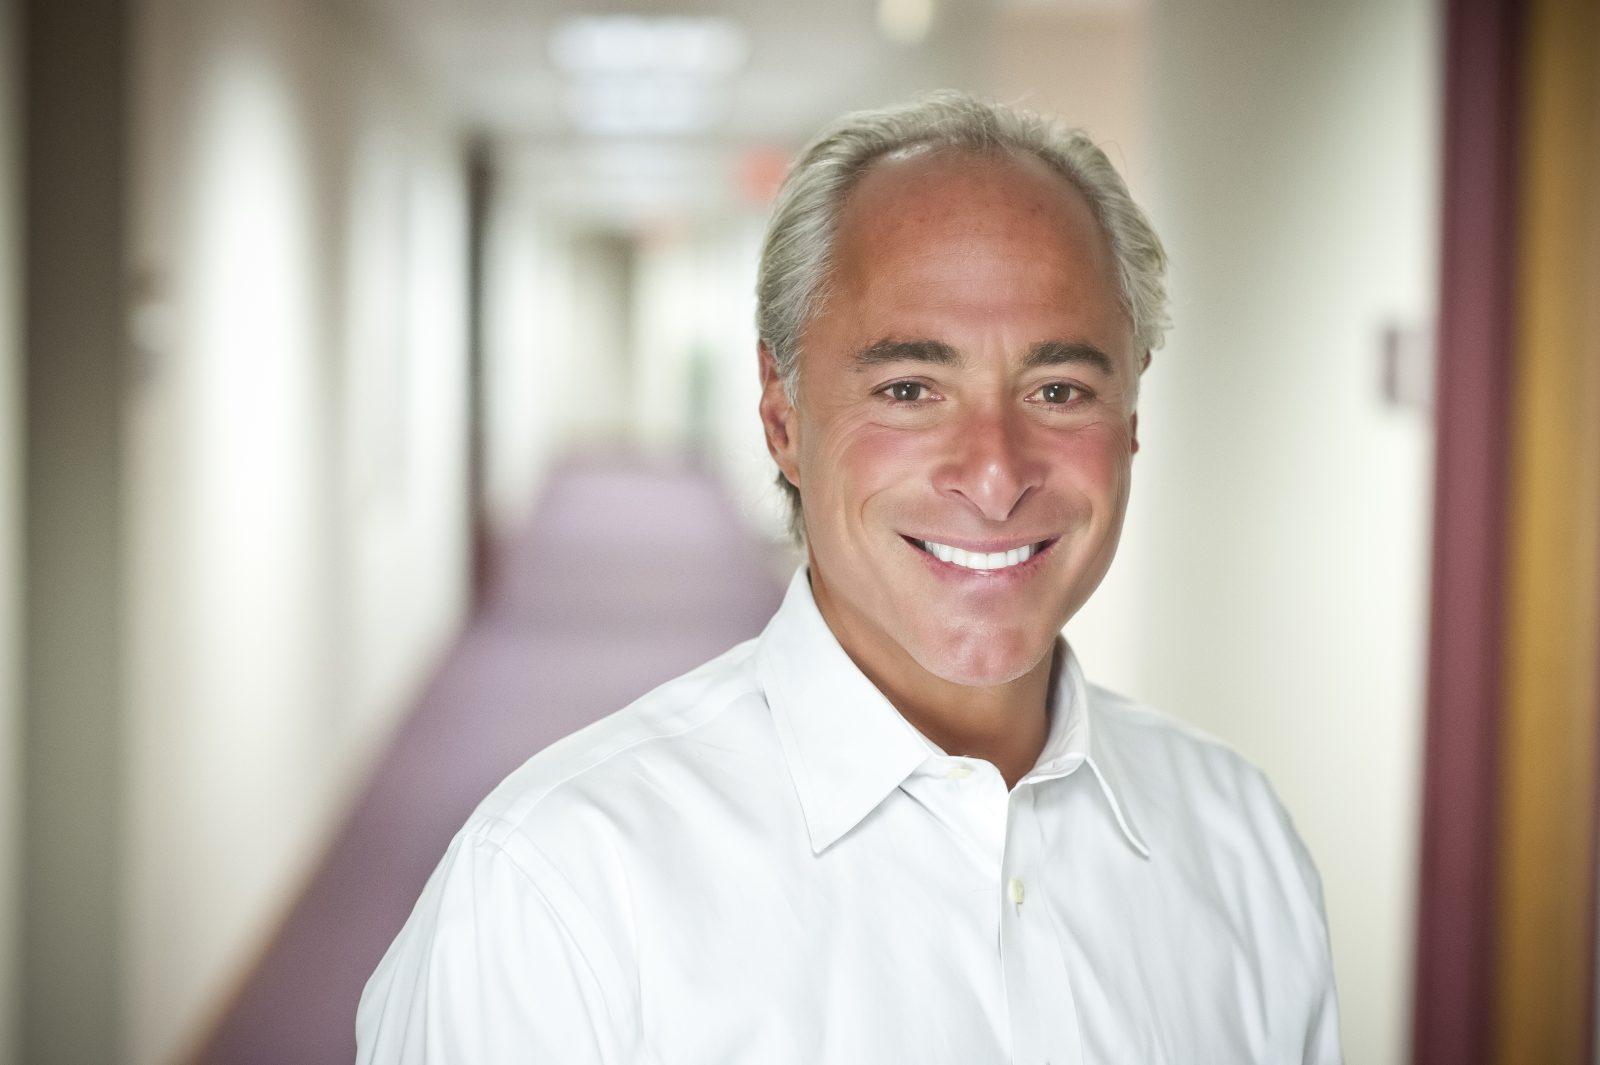 Steven Spector